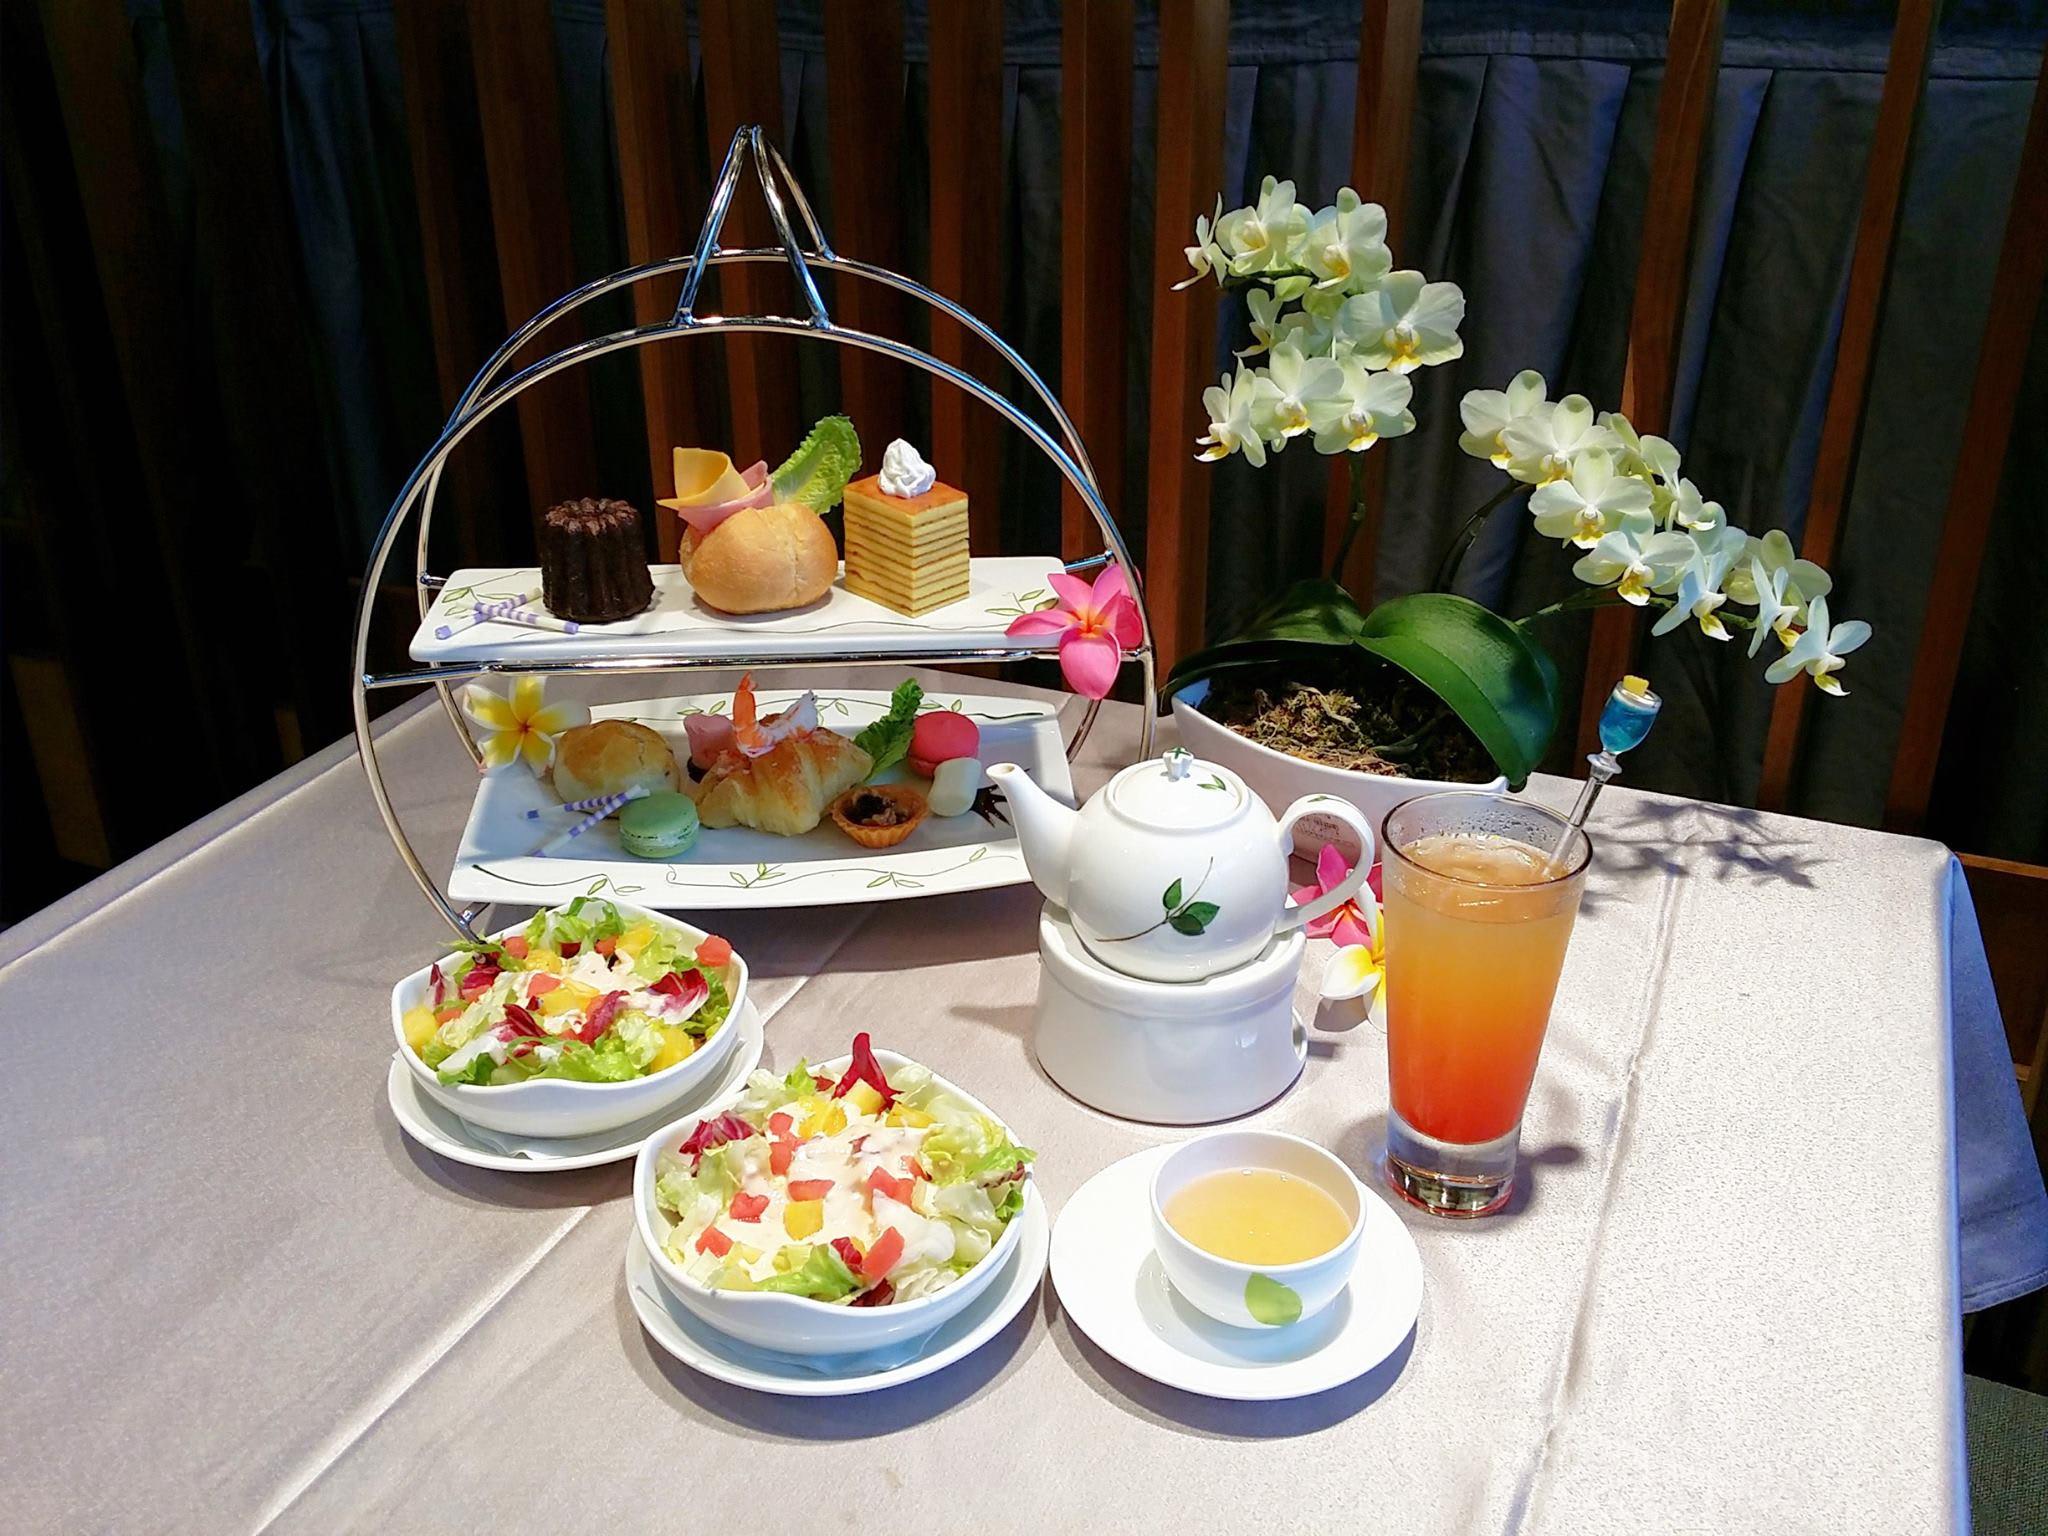 下午茶套餐。(圖片來源/泰安觀止溫泉會館FB粉絲團)